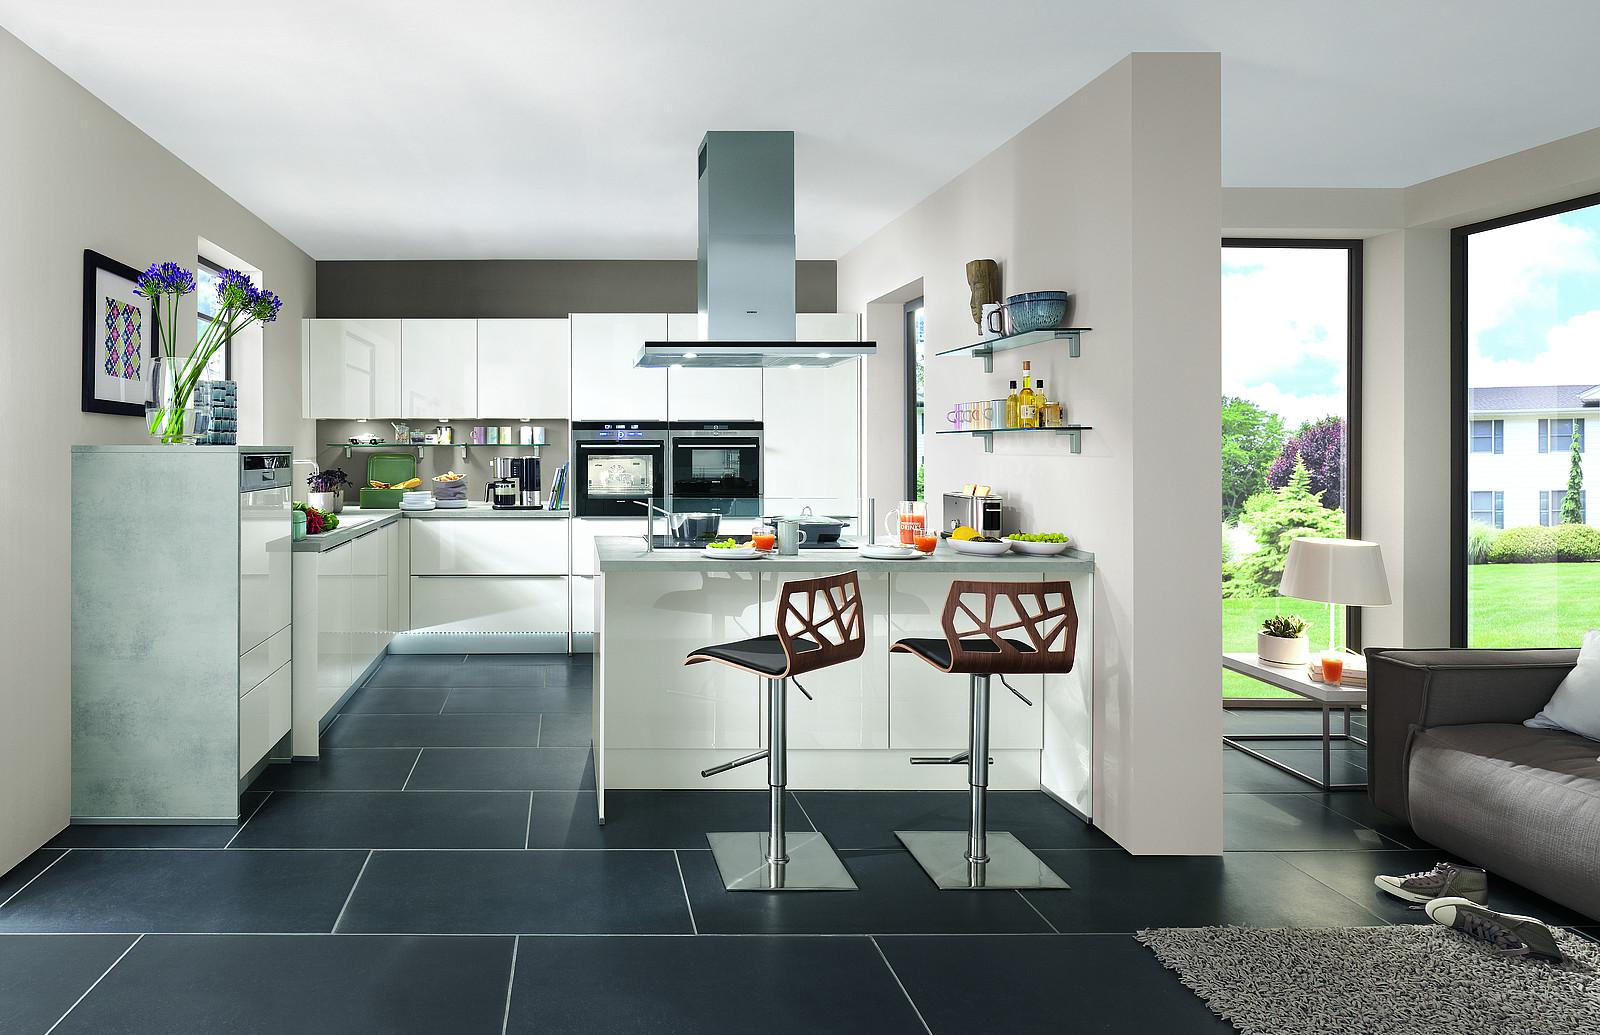 Full Size of Bodenbelag In Küche Bodenbelag Küche Estrich Küchenblende Boden Bodenbelag Küche Obi Küche Bodenbelag Küche